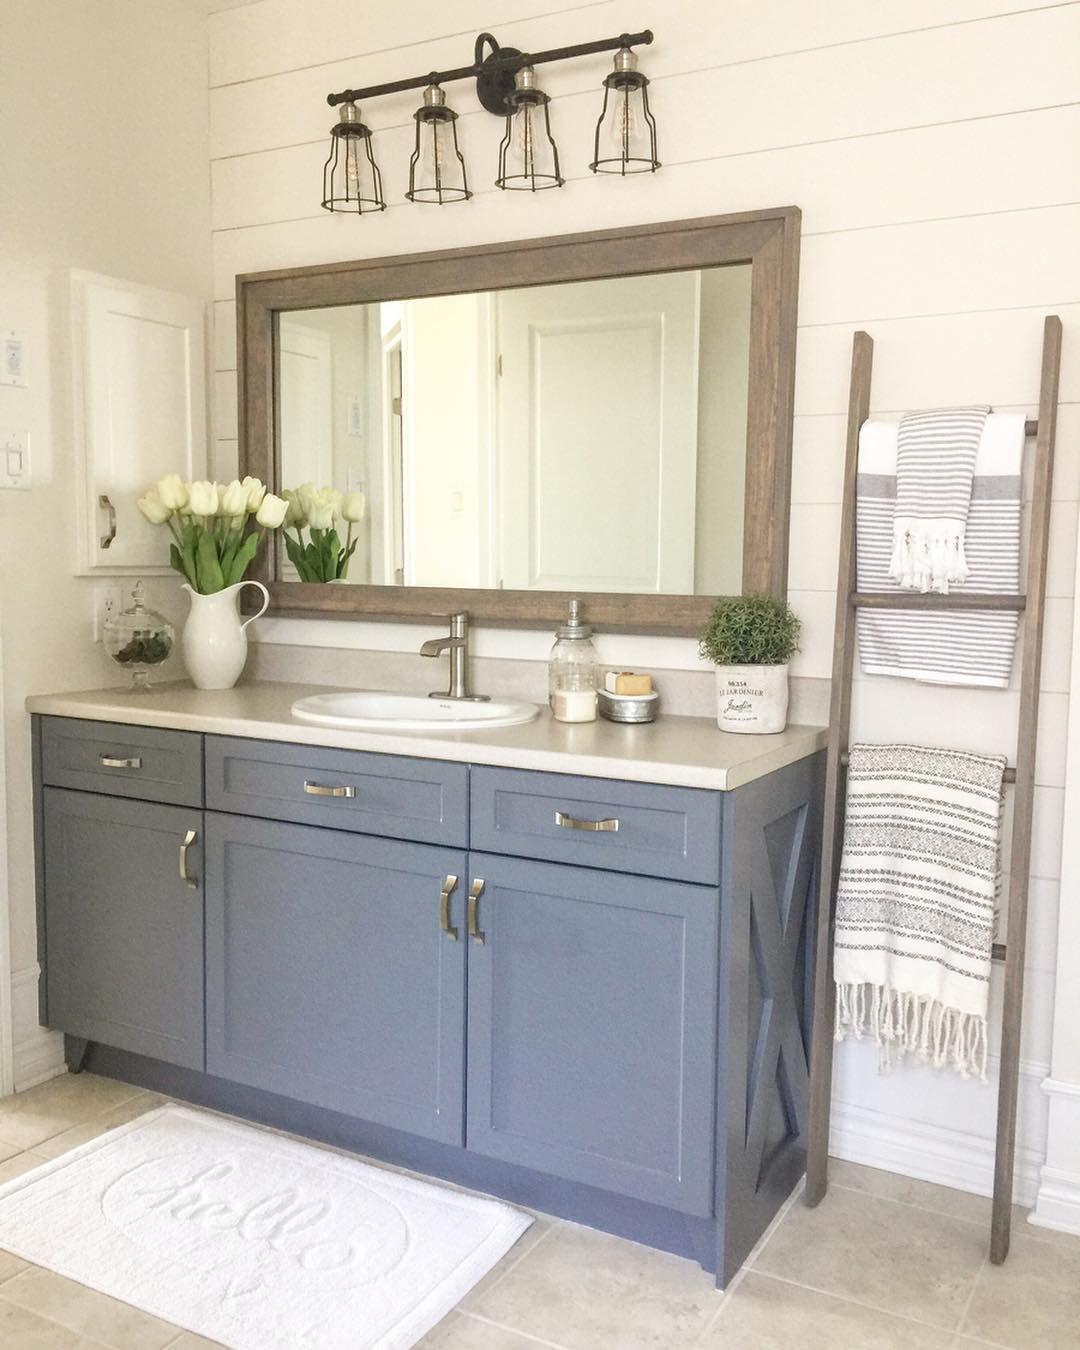 Shawna On Instagram Good Morning Friends I M Sharing One Of My Favourite Budget Transformations I Bathroom Refresh Farmhouse Bathroom Bathroom Mirror Design